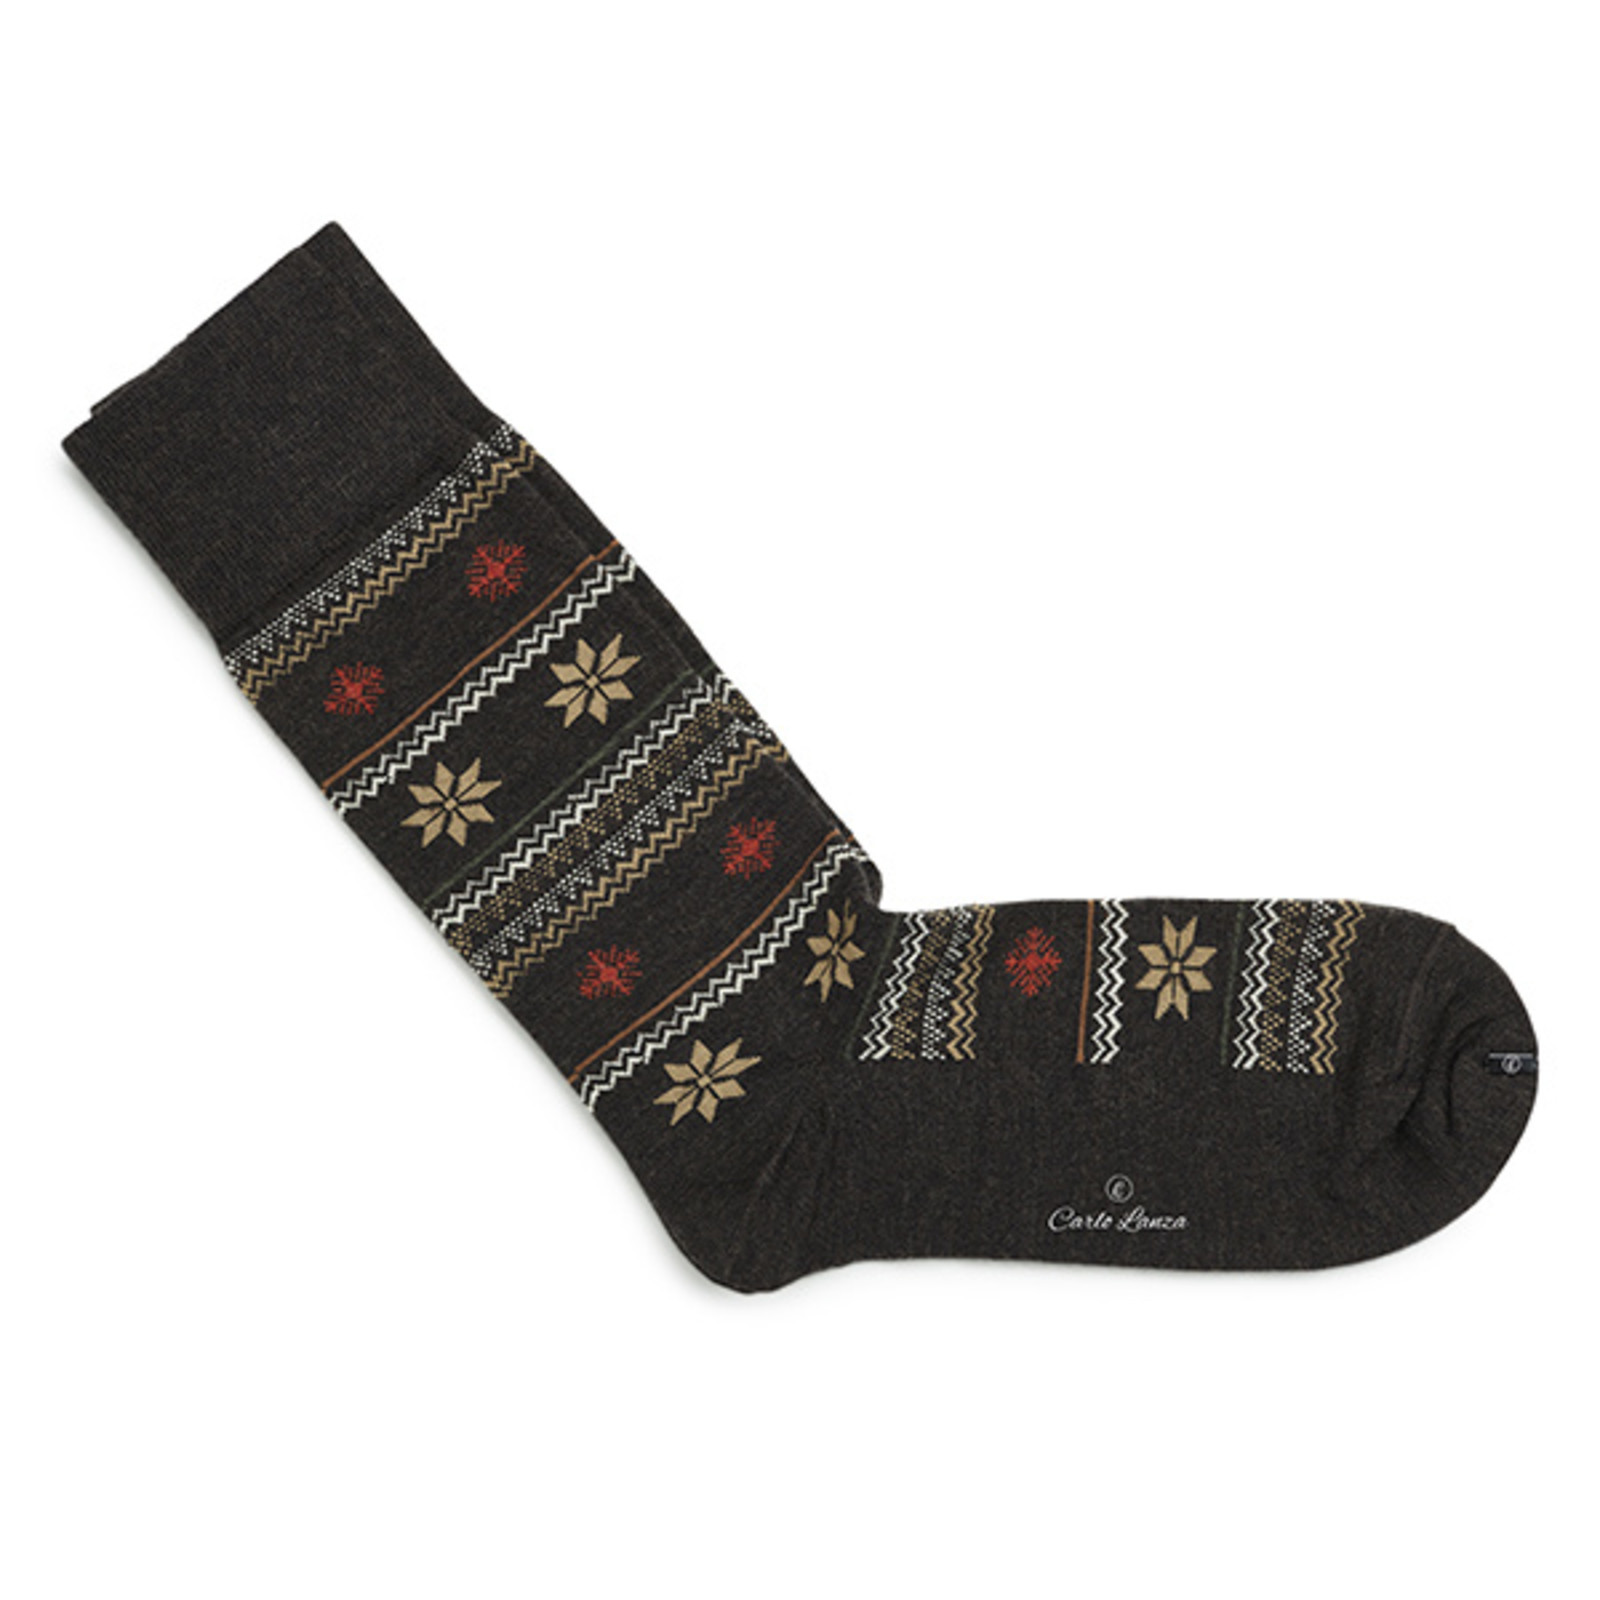 Carlo Lanza Brown winter socks   Carlo Lanza